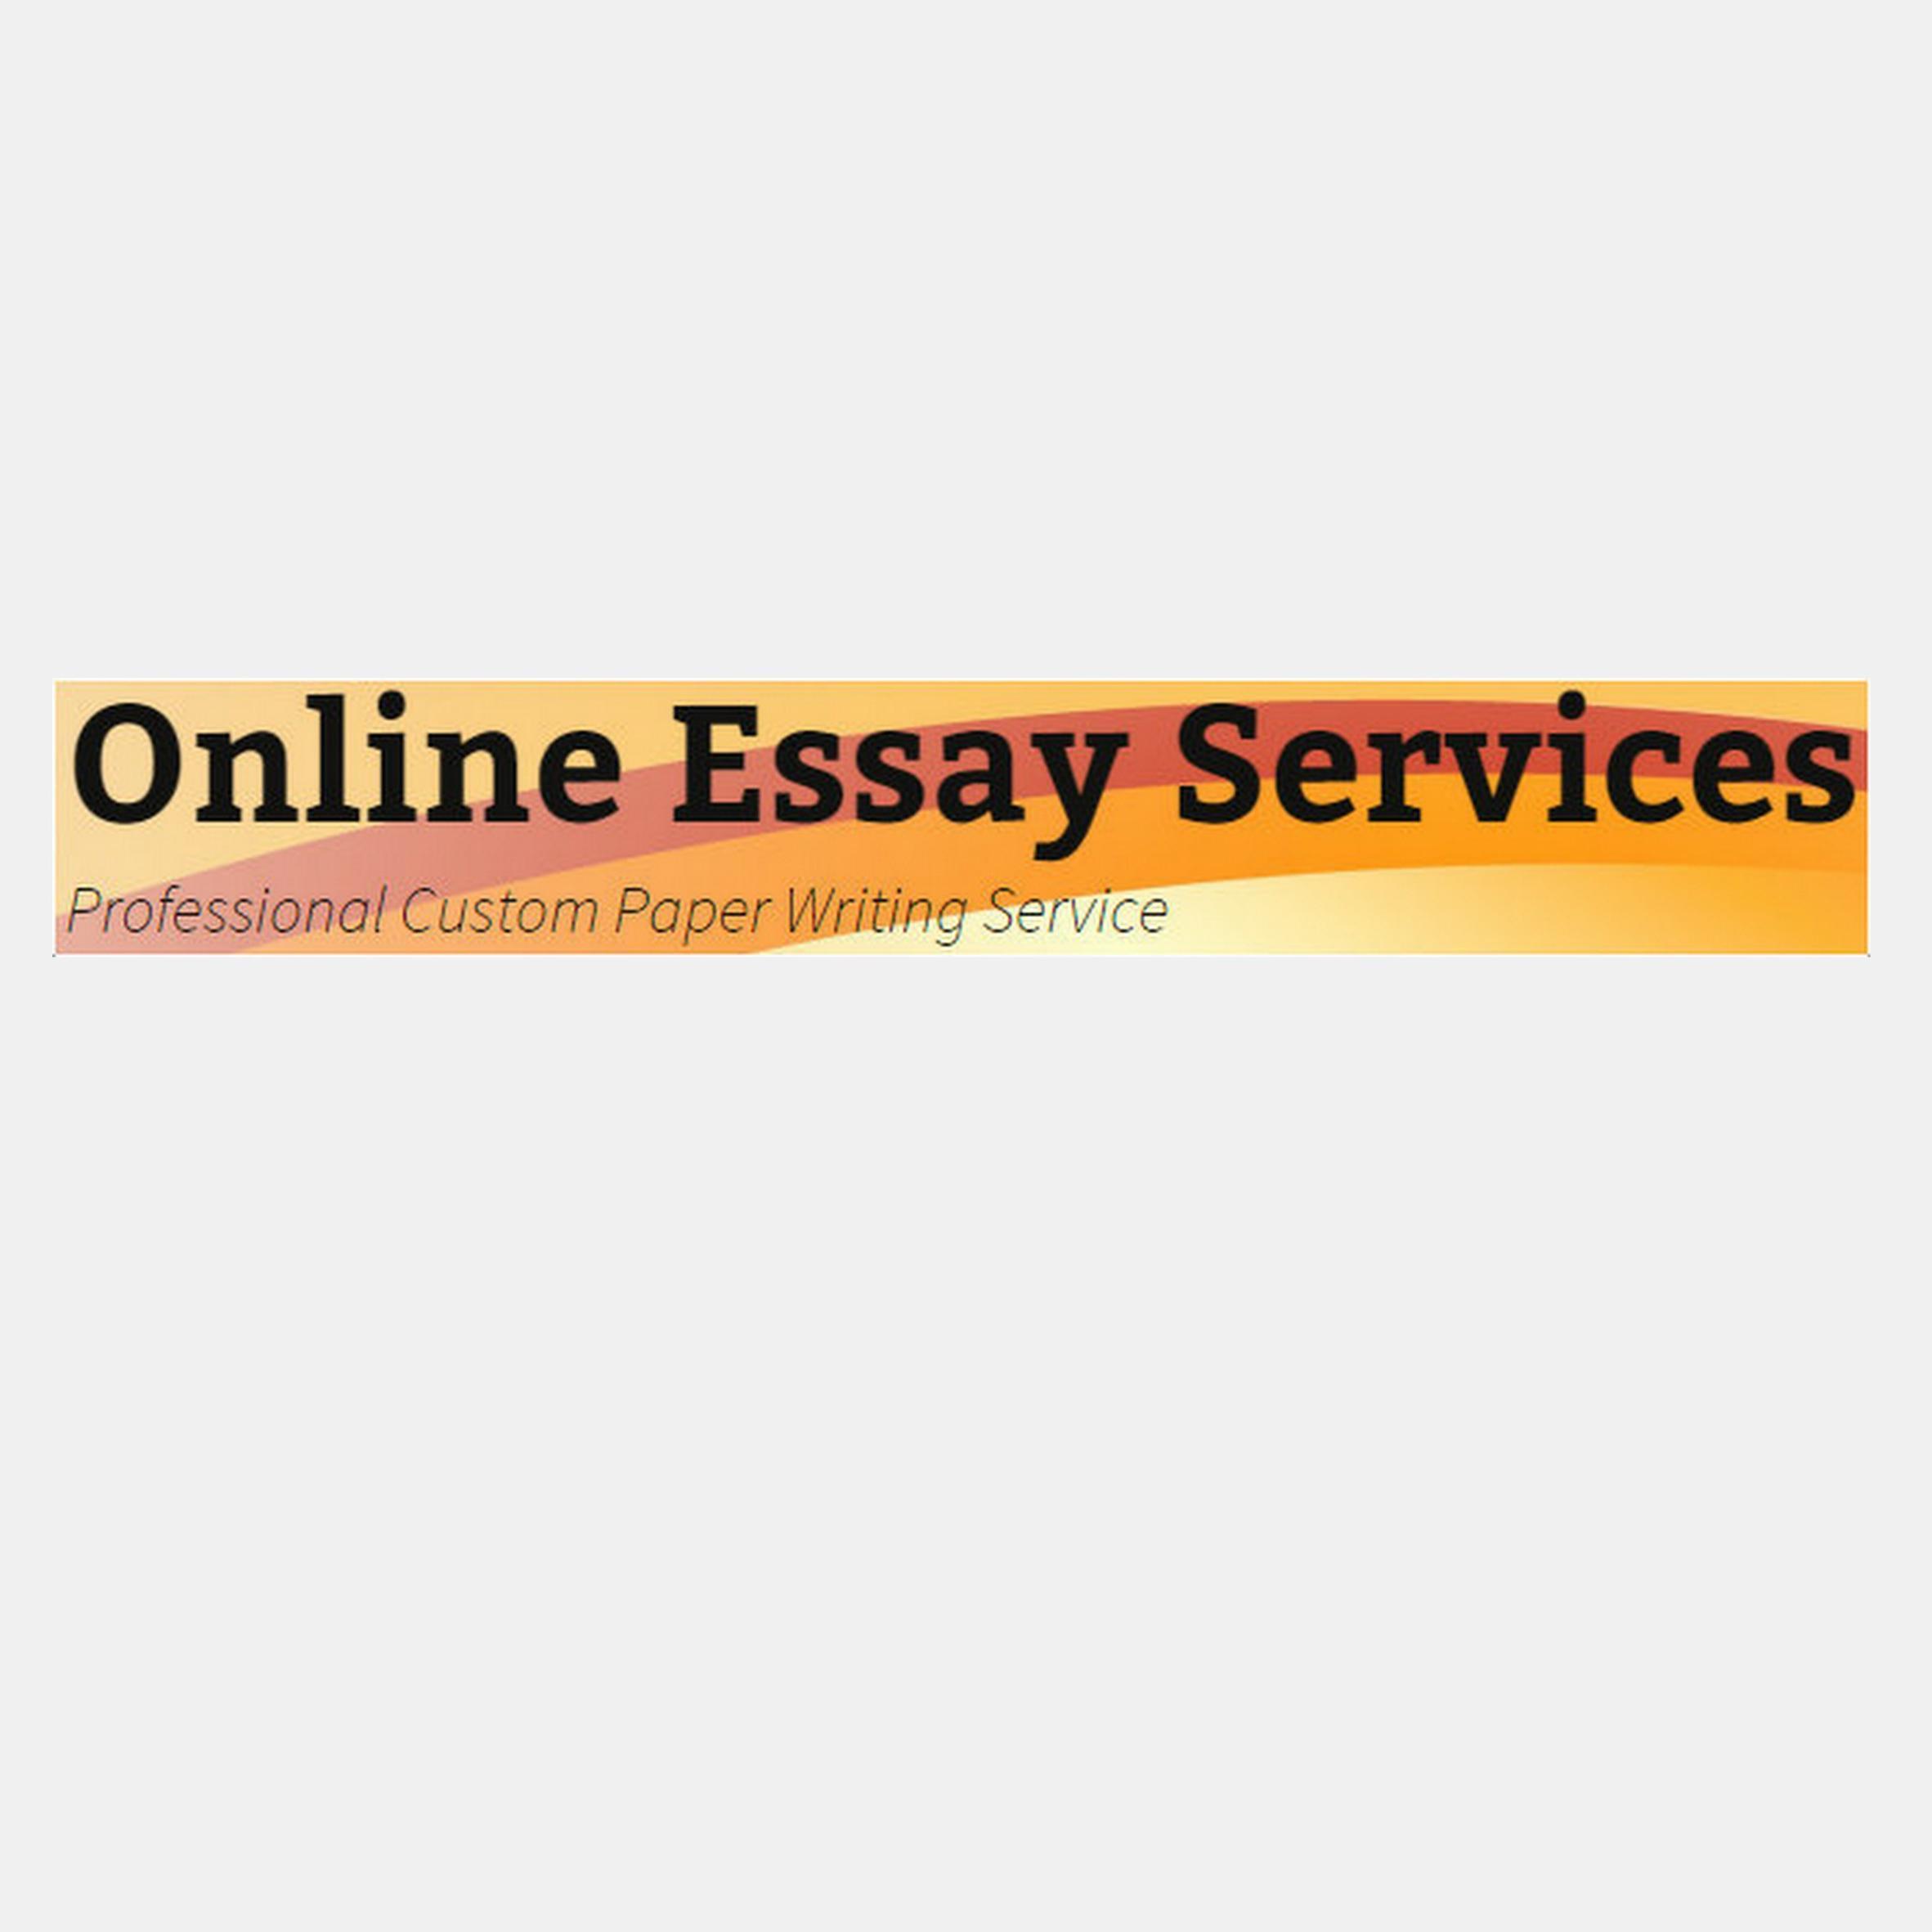 online essay service online essay twitter online essay service